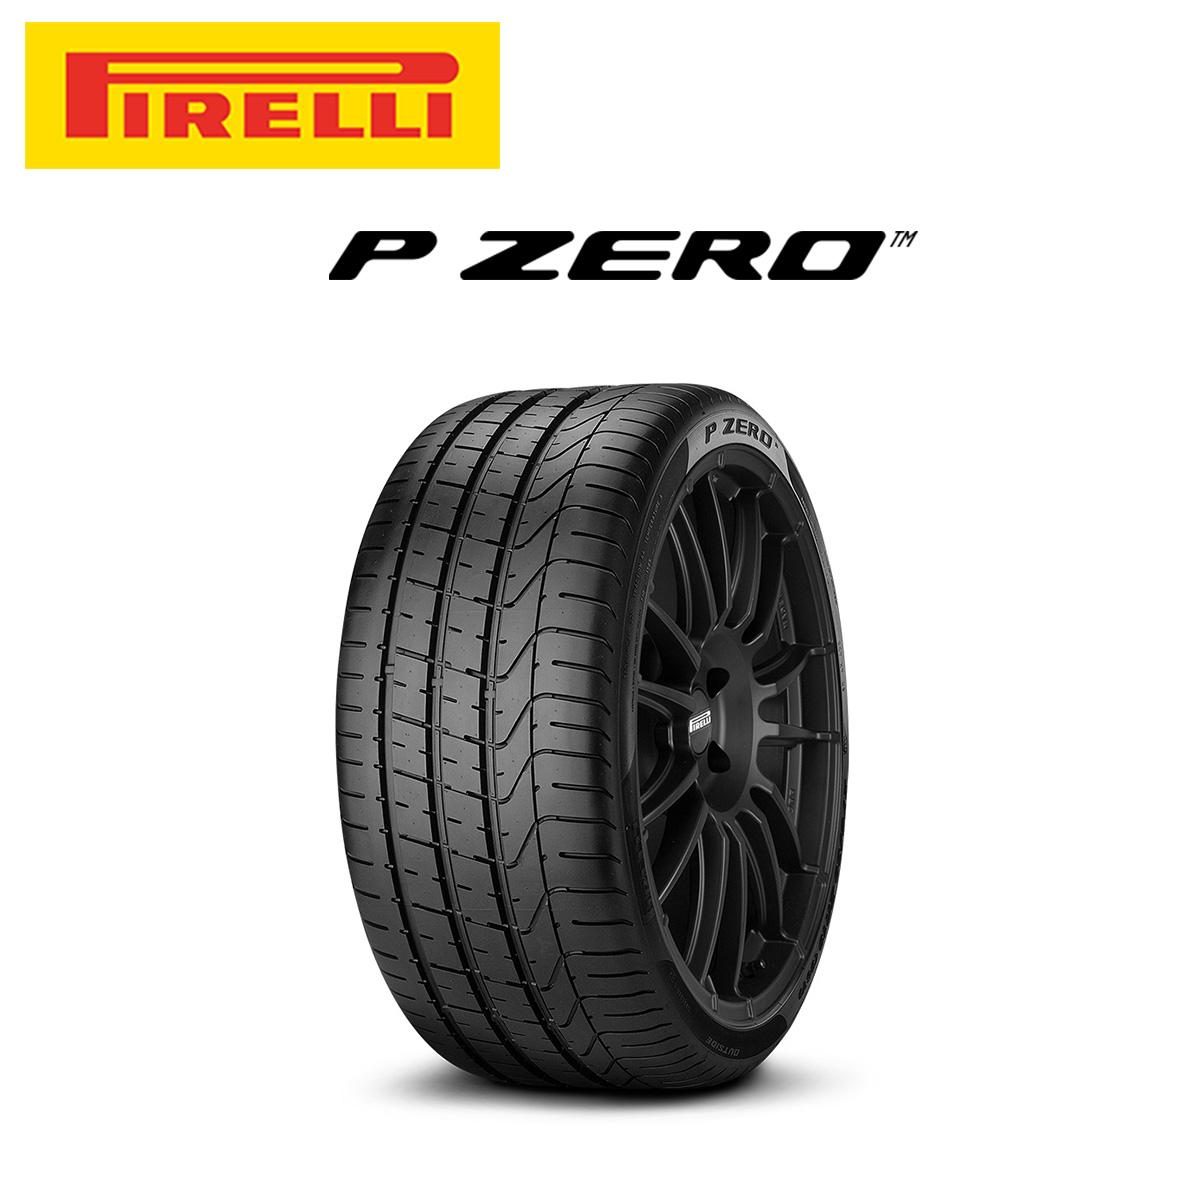 ピレリ PIRELLI P ZERO ピーゼロ 21インチ サマー タイヤ 4本 セット 265/45R21 104W J:ジャガー LR:ランドローバー承認タイヤ 2689600